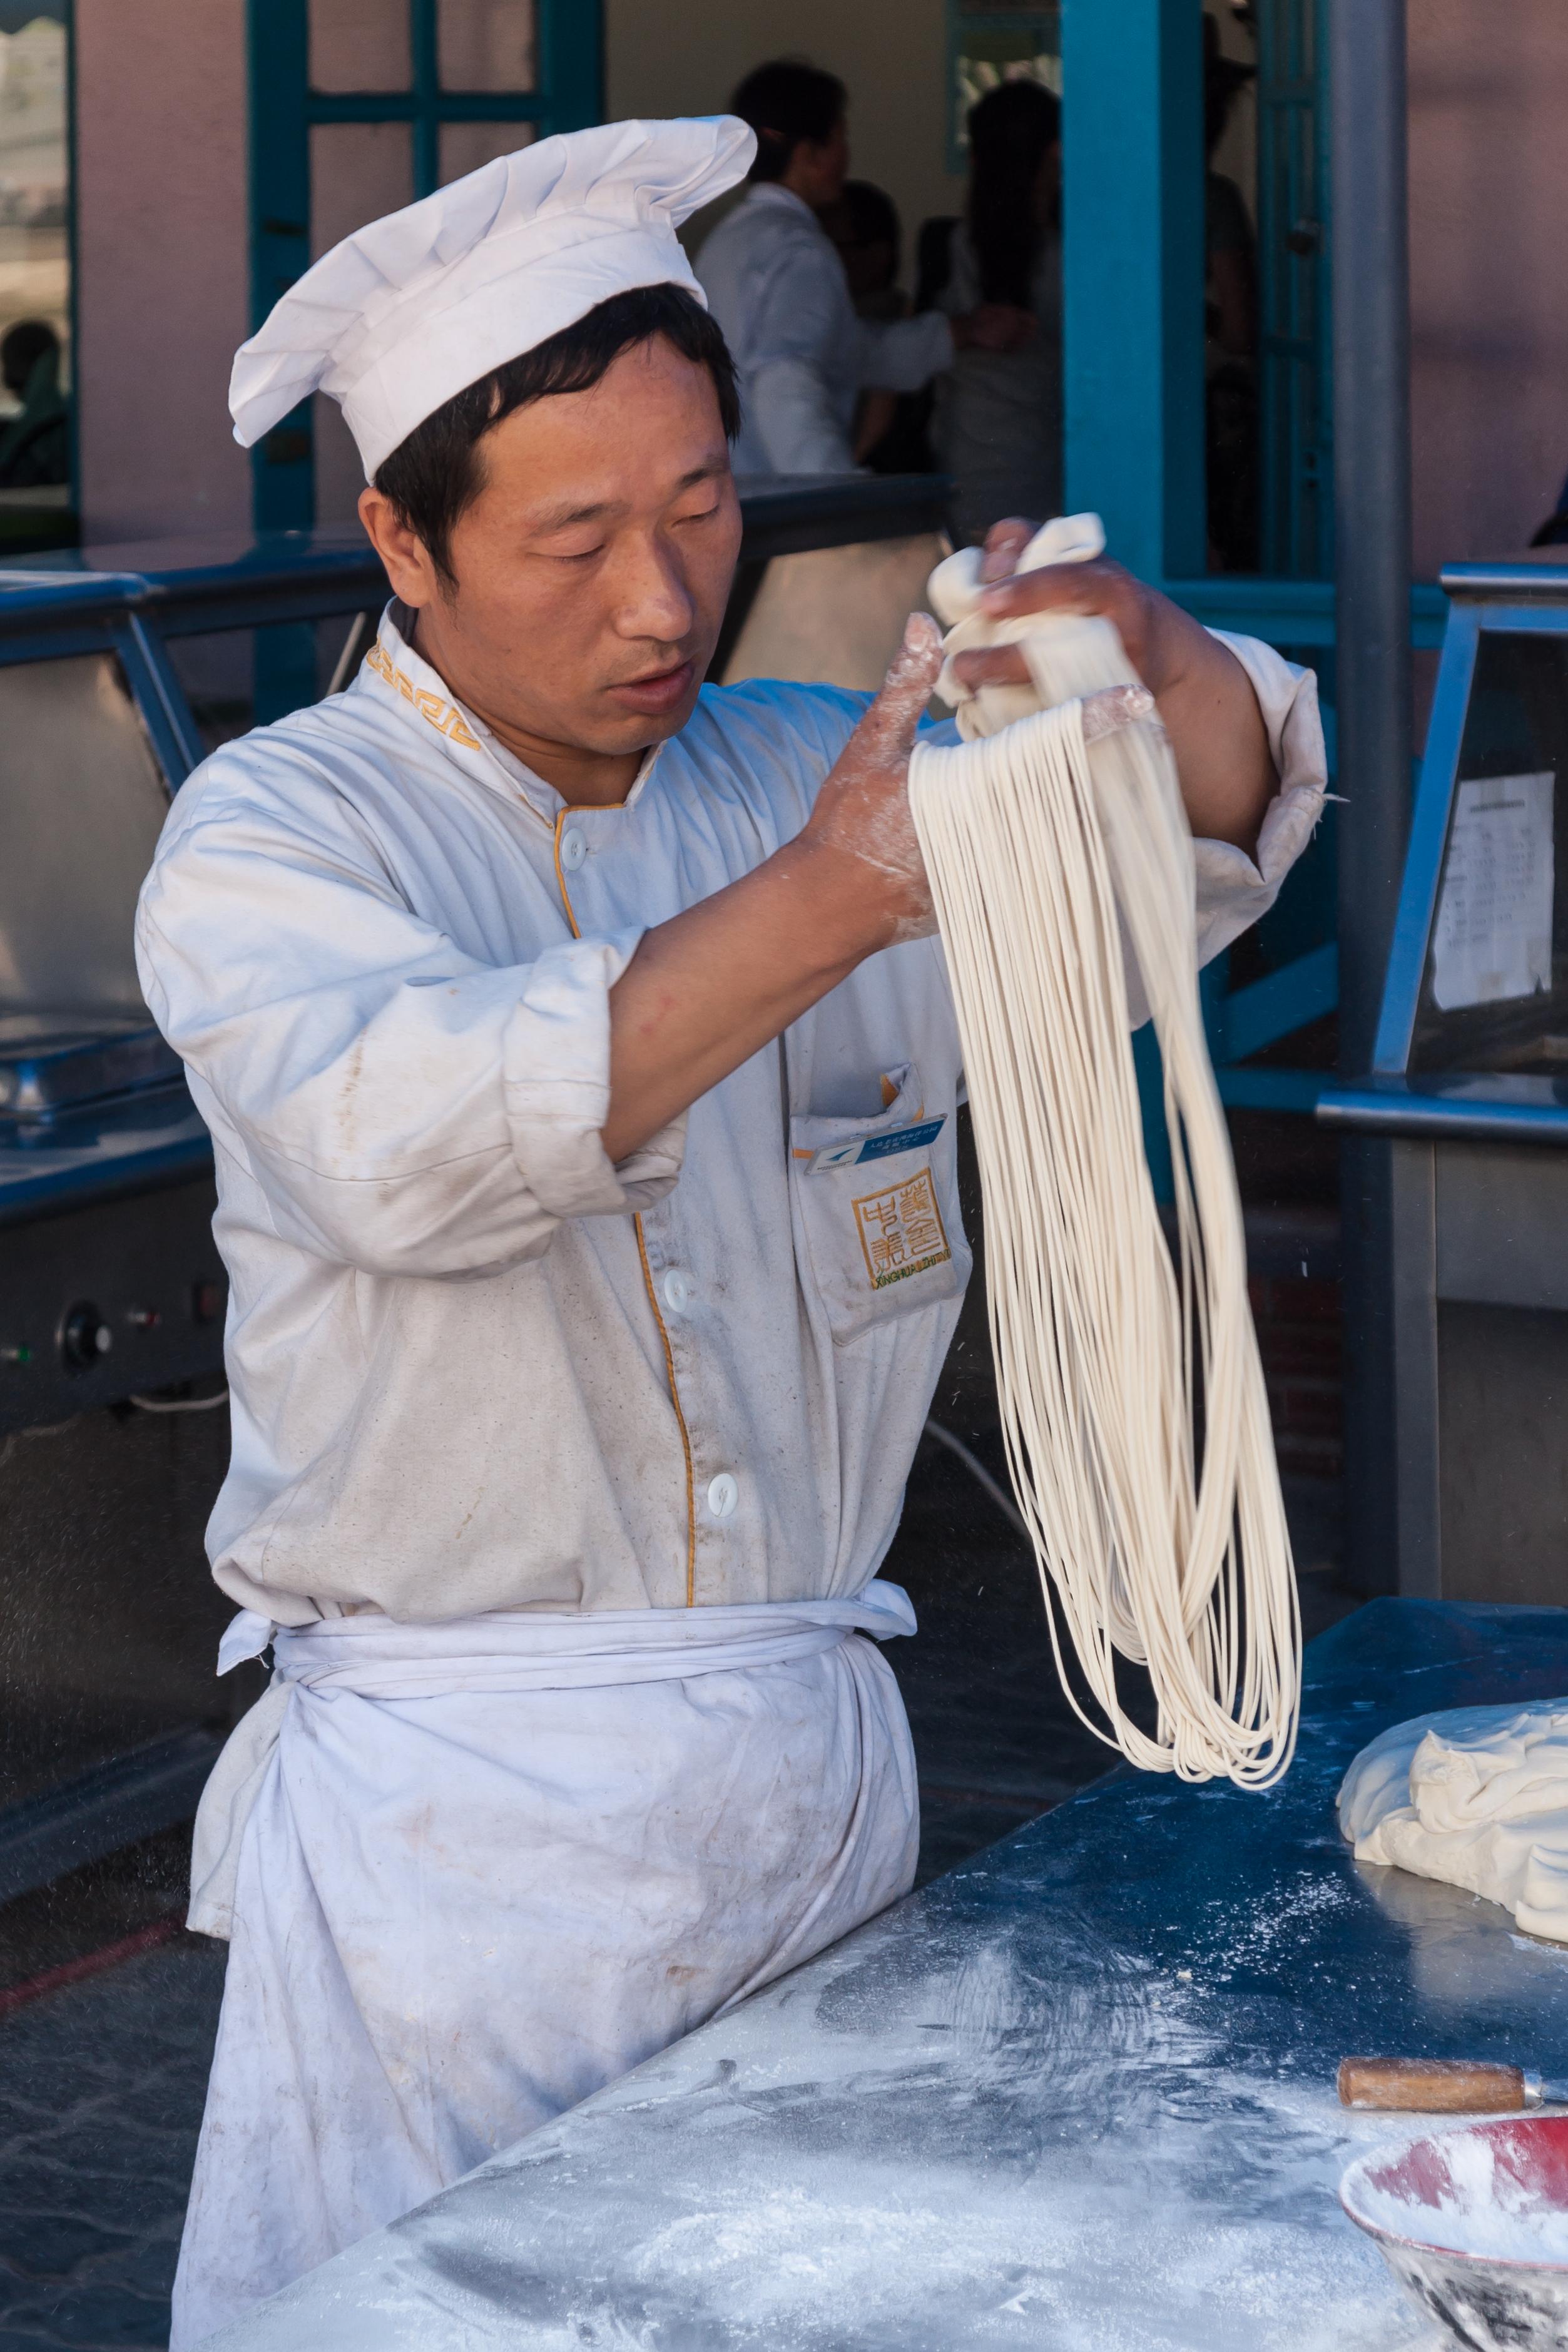 https://upload.wikimedia.org/wikipedia/commons/b/b5/Dalian_Liaoning_China_Noodlemaker-01.jpg